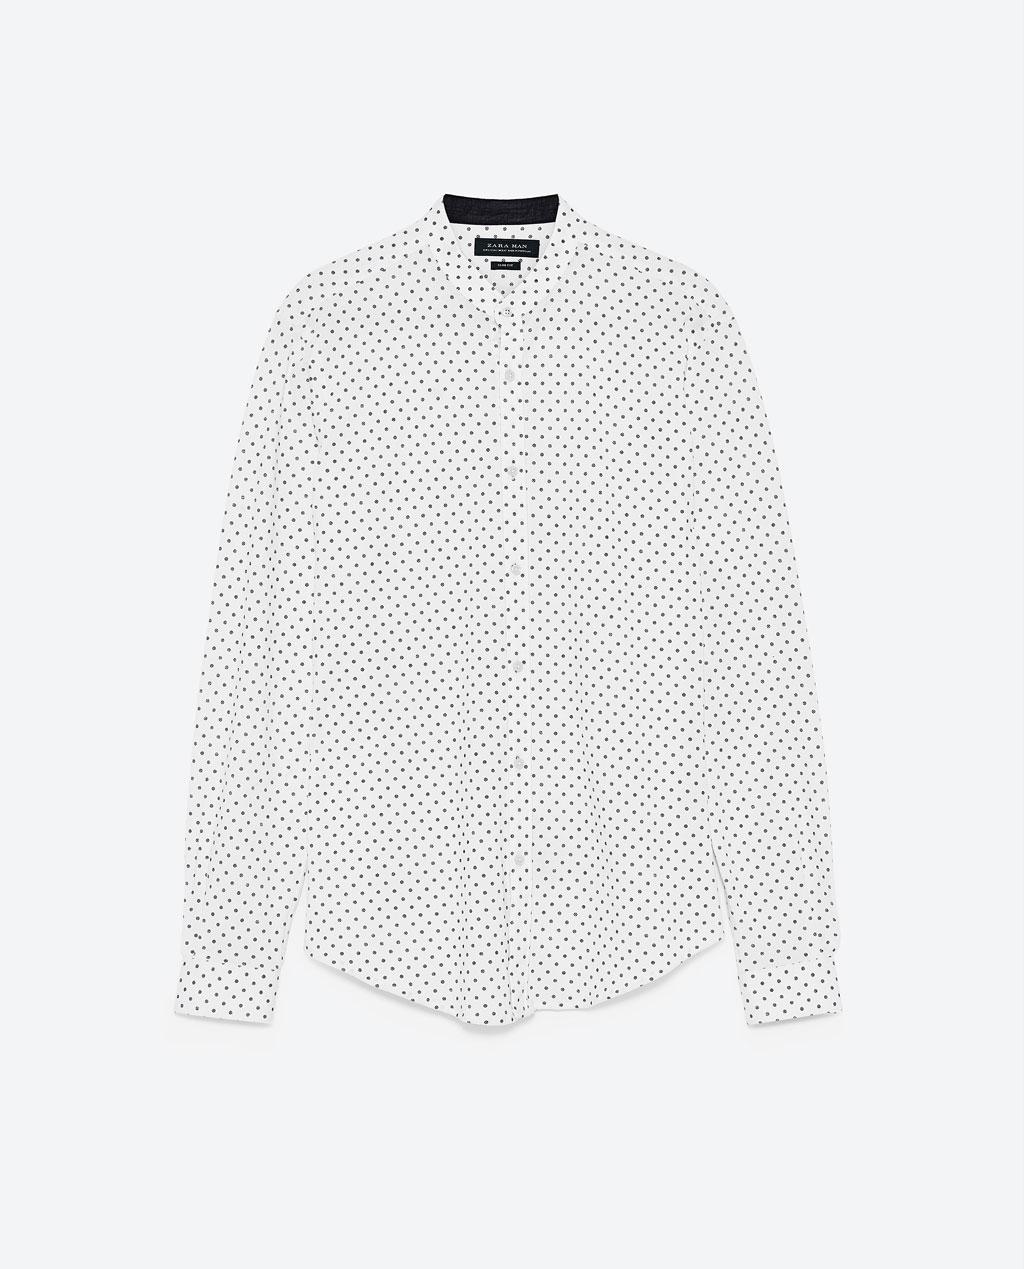 Риза Пике ZARA; 29.99лв